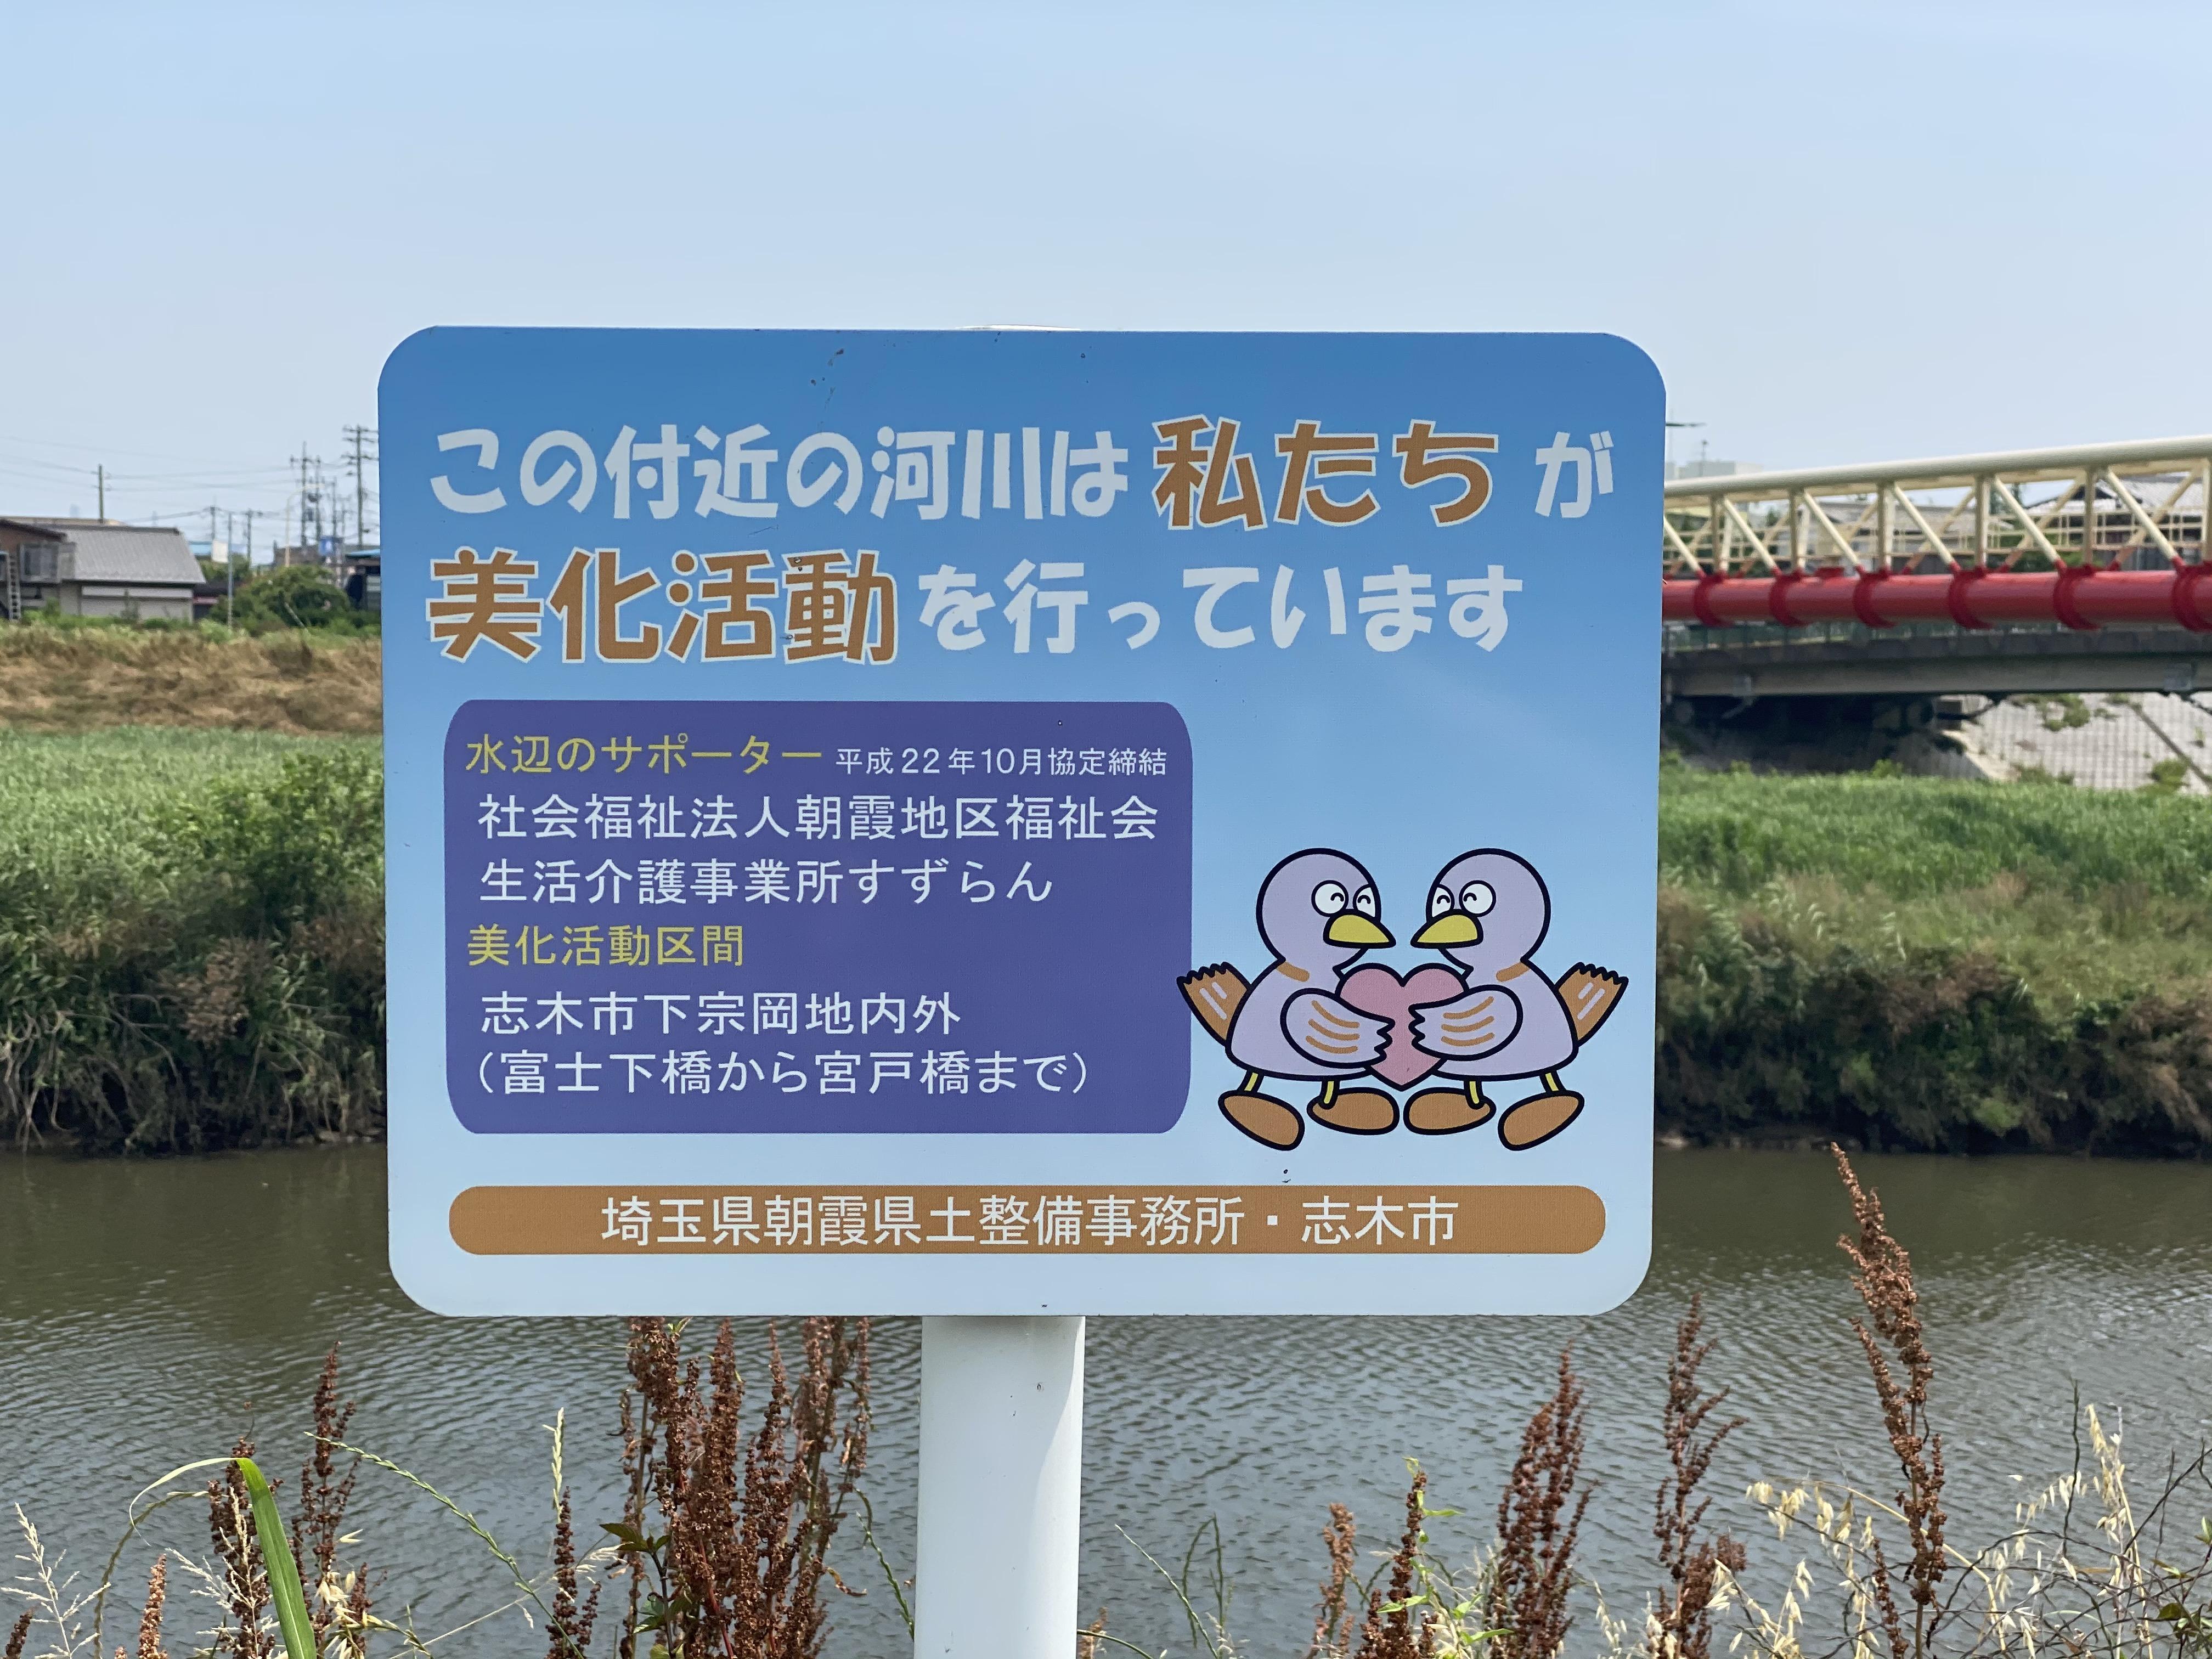 この付近の河川は私たちが美化活動を行っています。